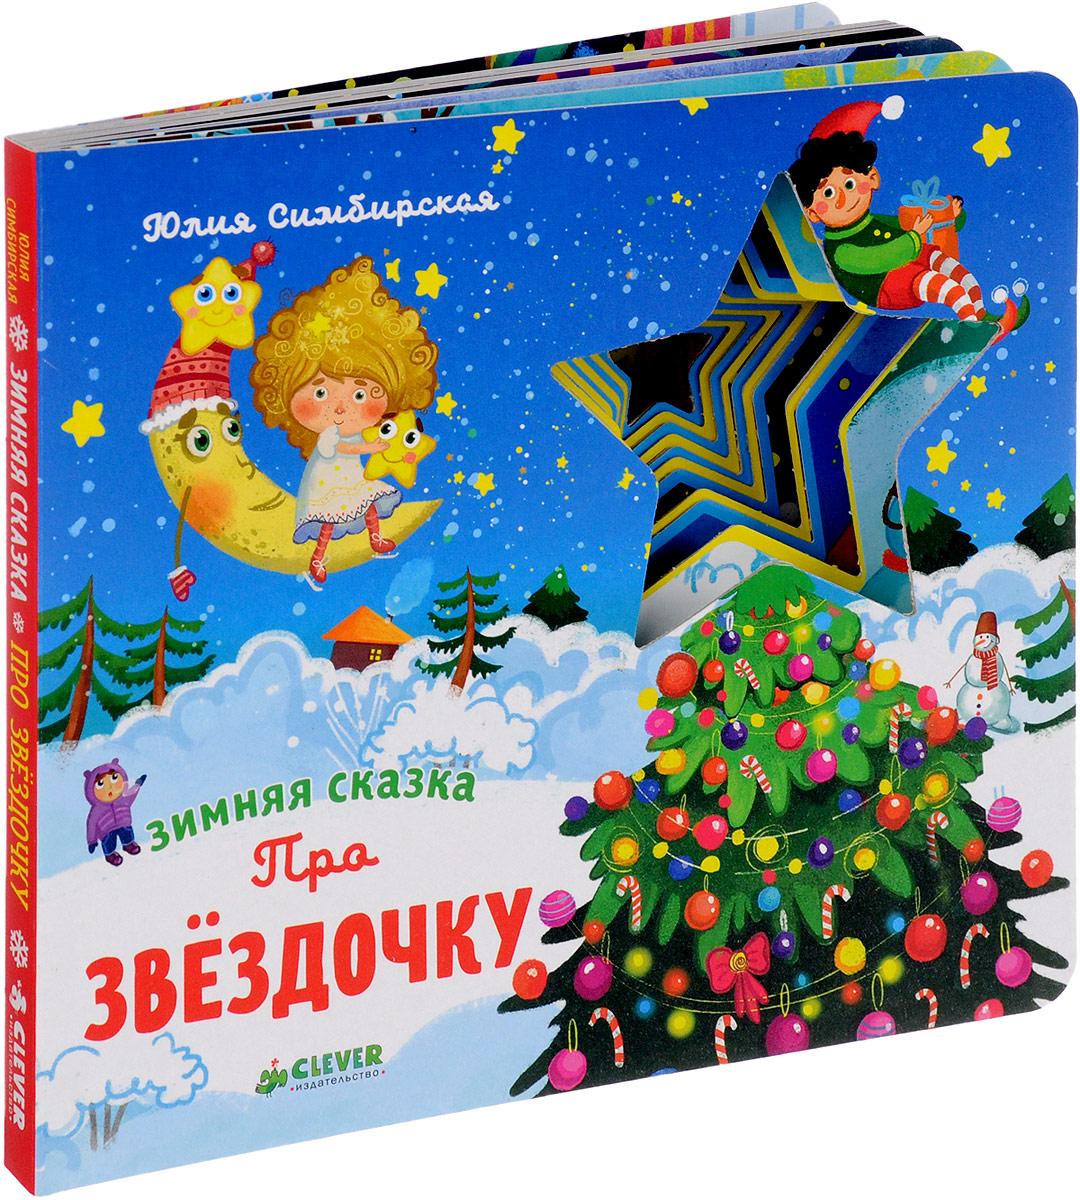 Юлия Симбирская Про звёздочку. Зимняя сказка чудеса под новый год